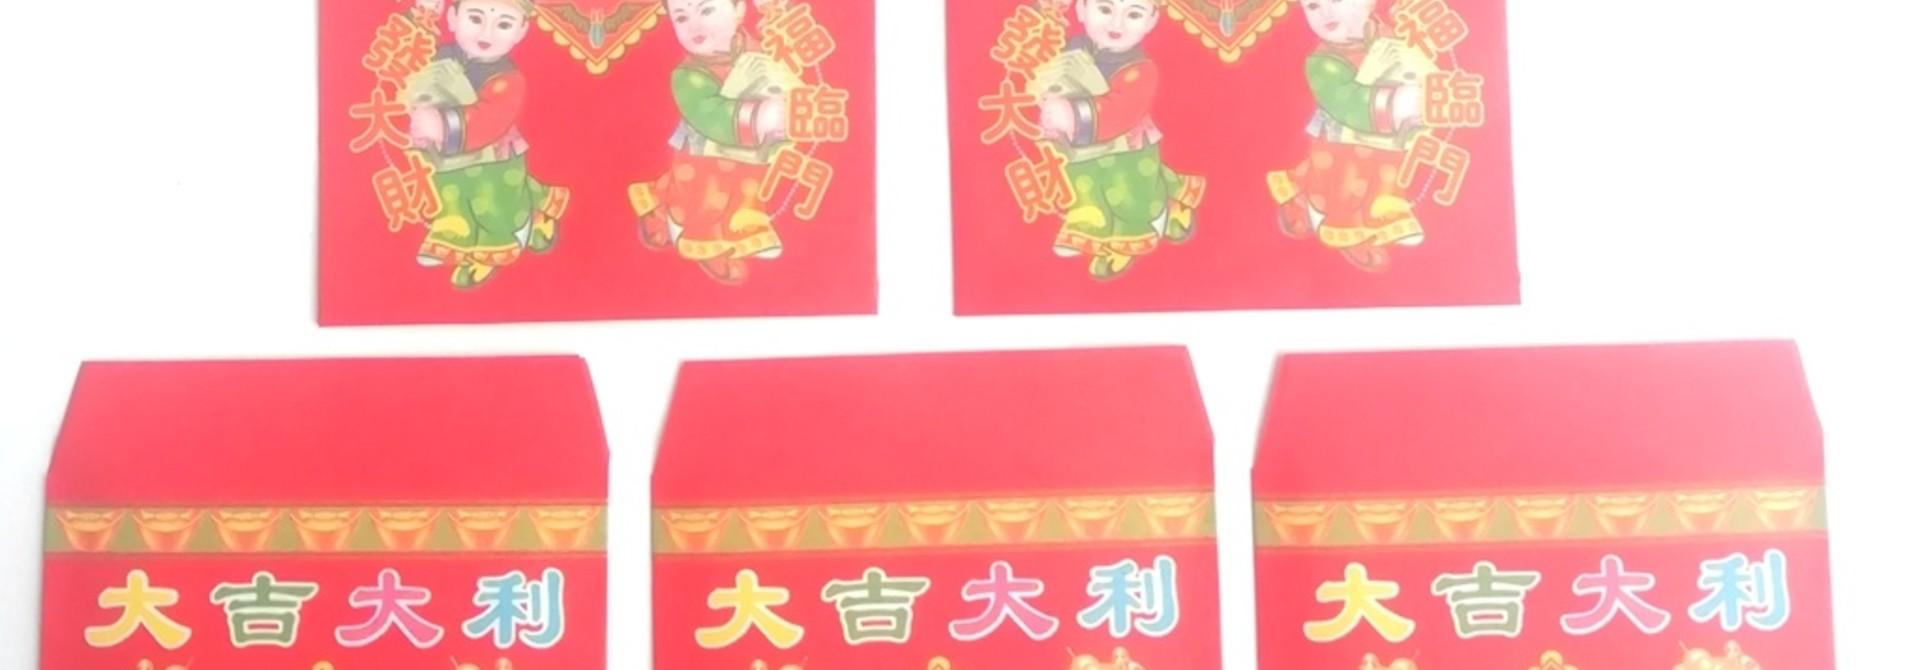 10 Rote Papier-Glückstaschen (Umschläge).